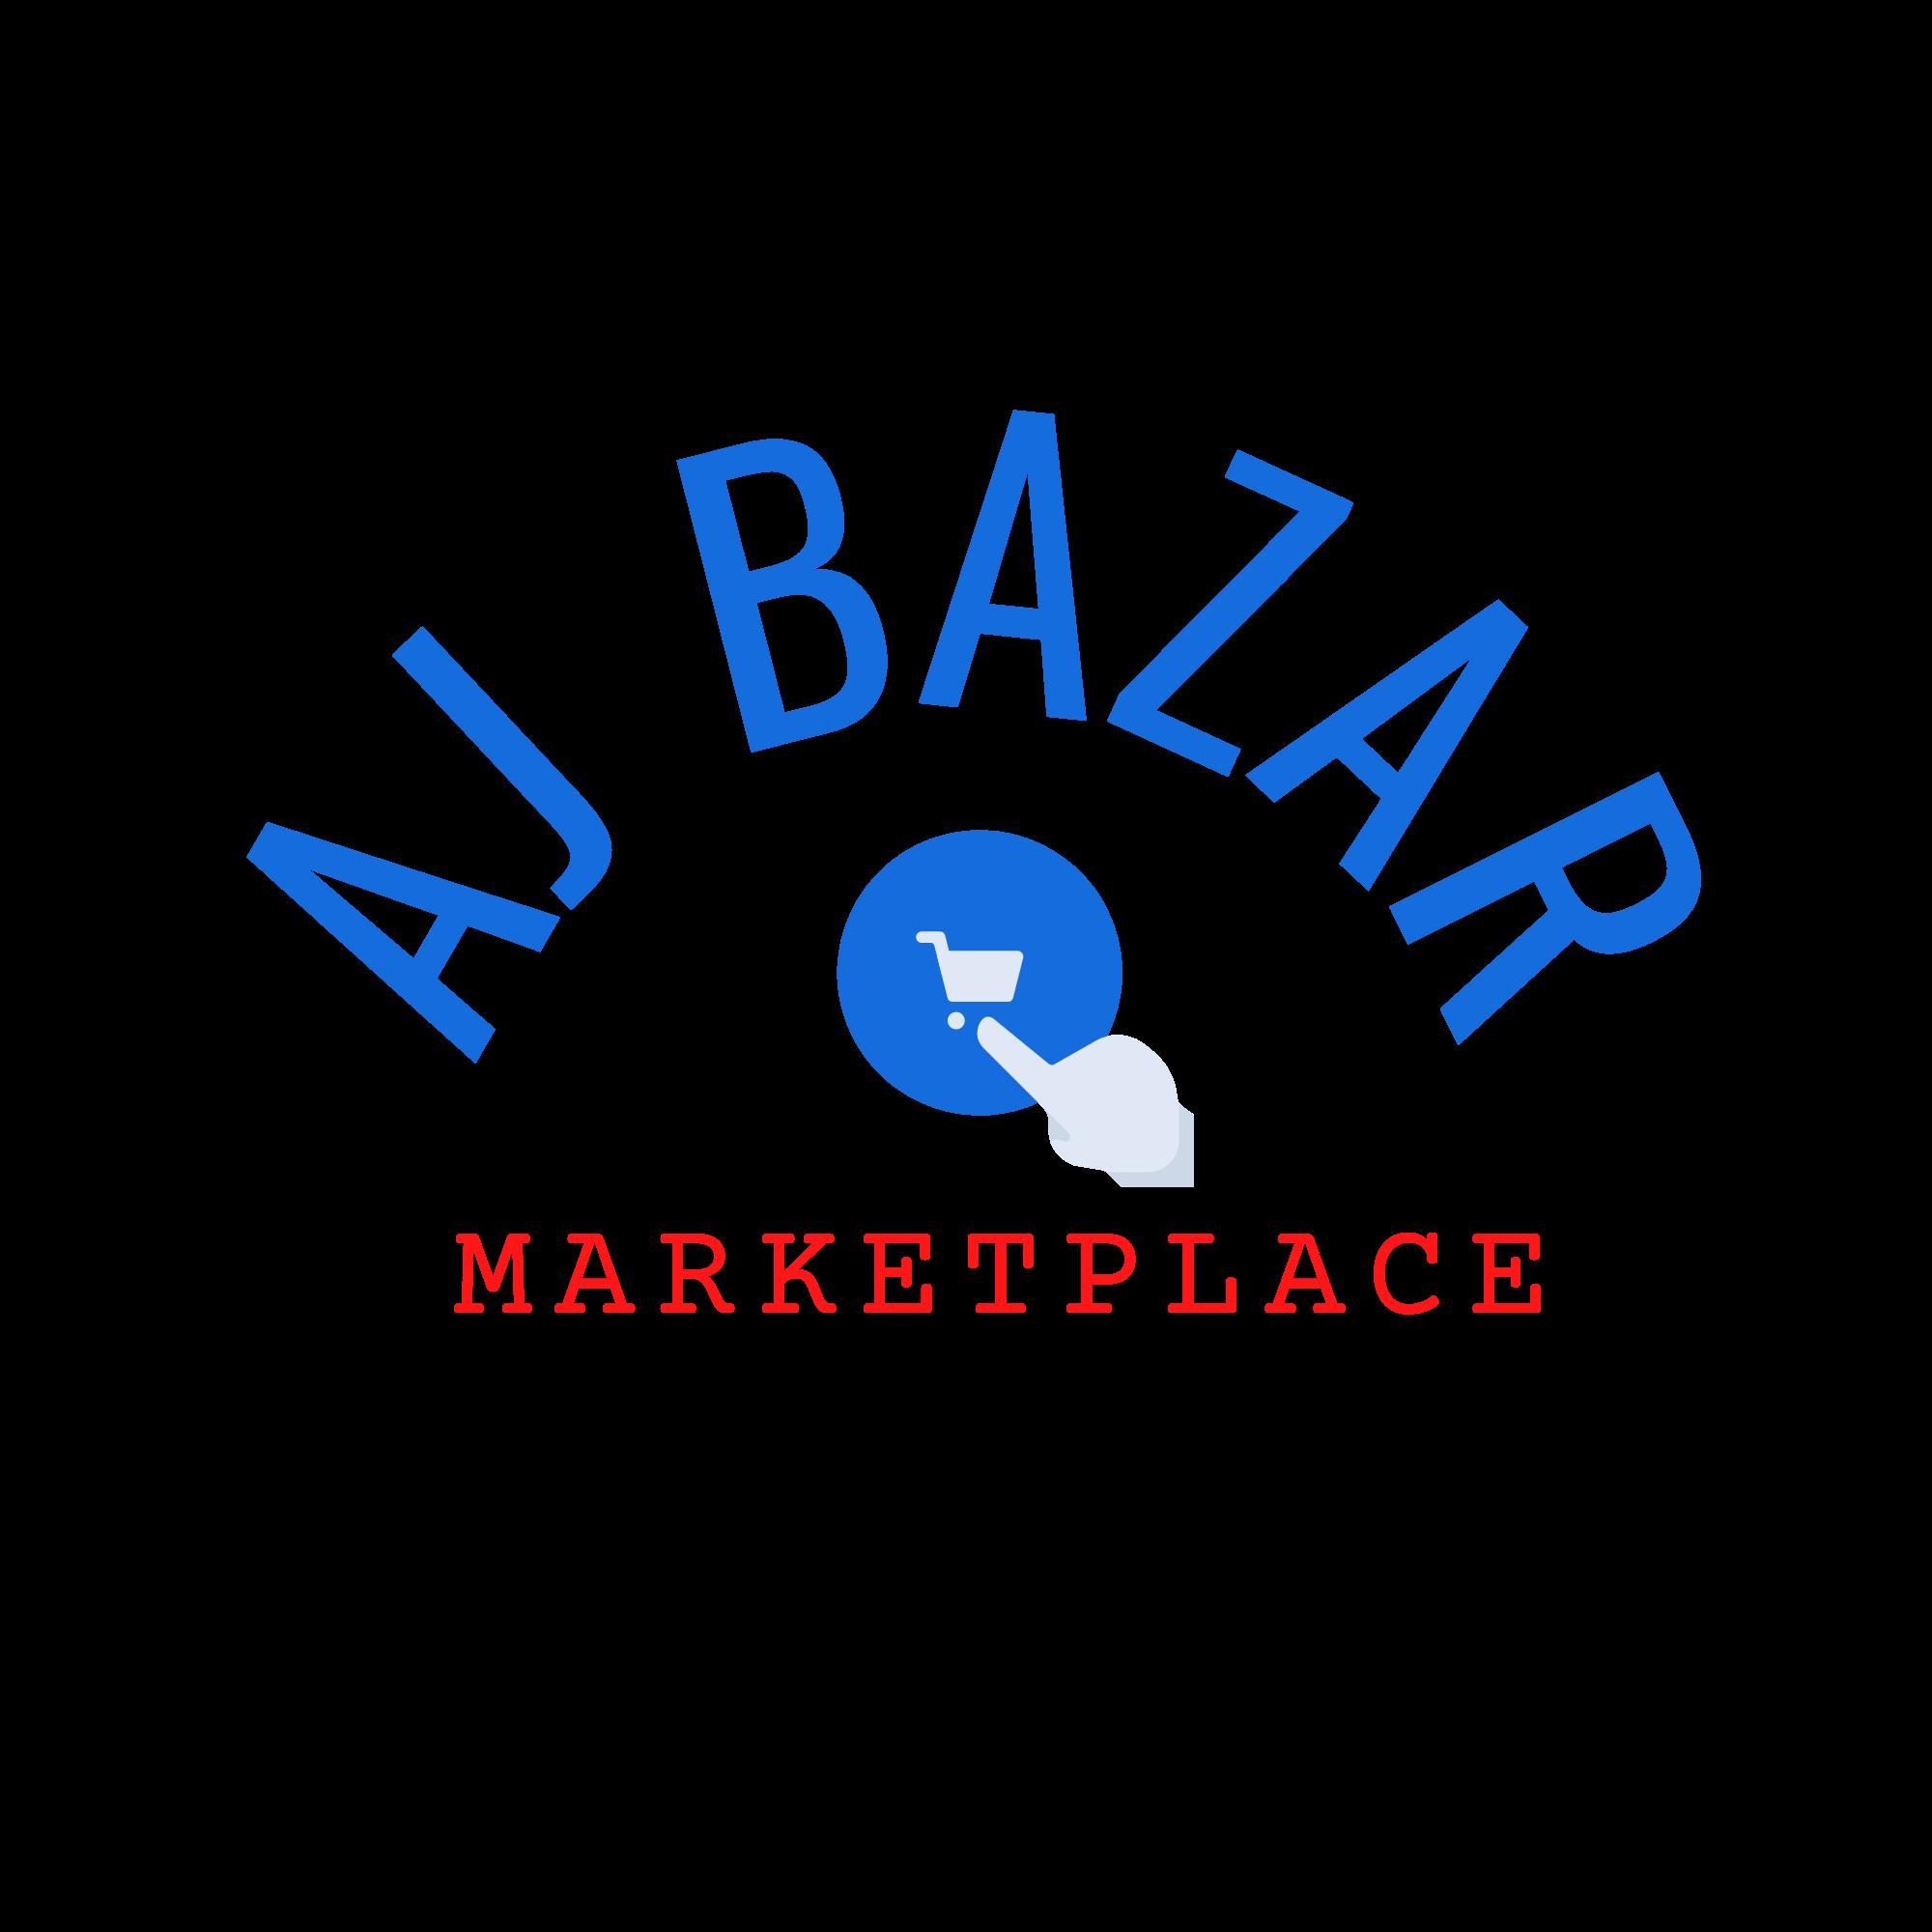 AJ Bazar Marketplace Online Shopping Center